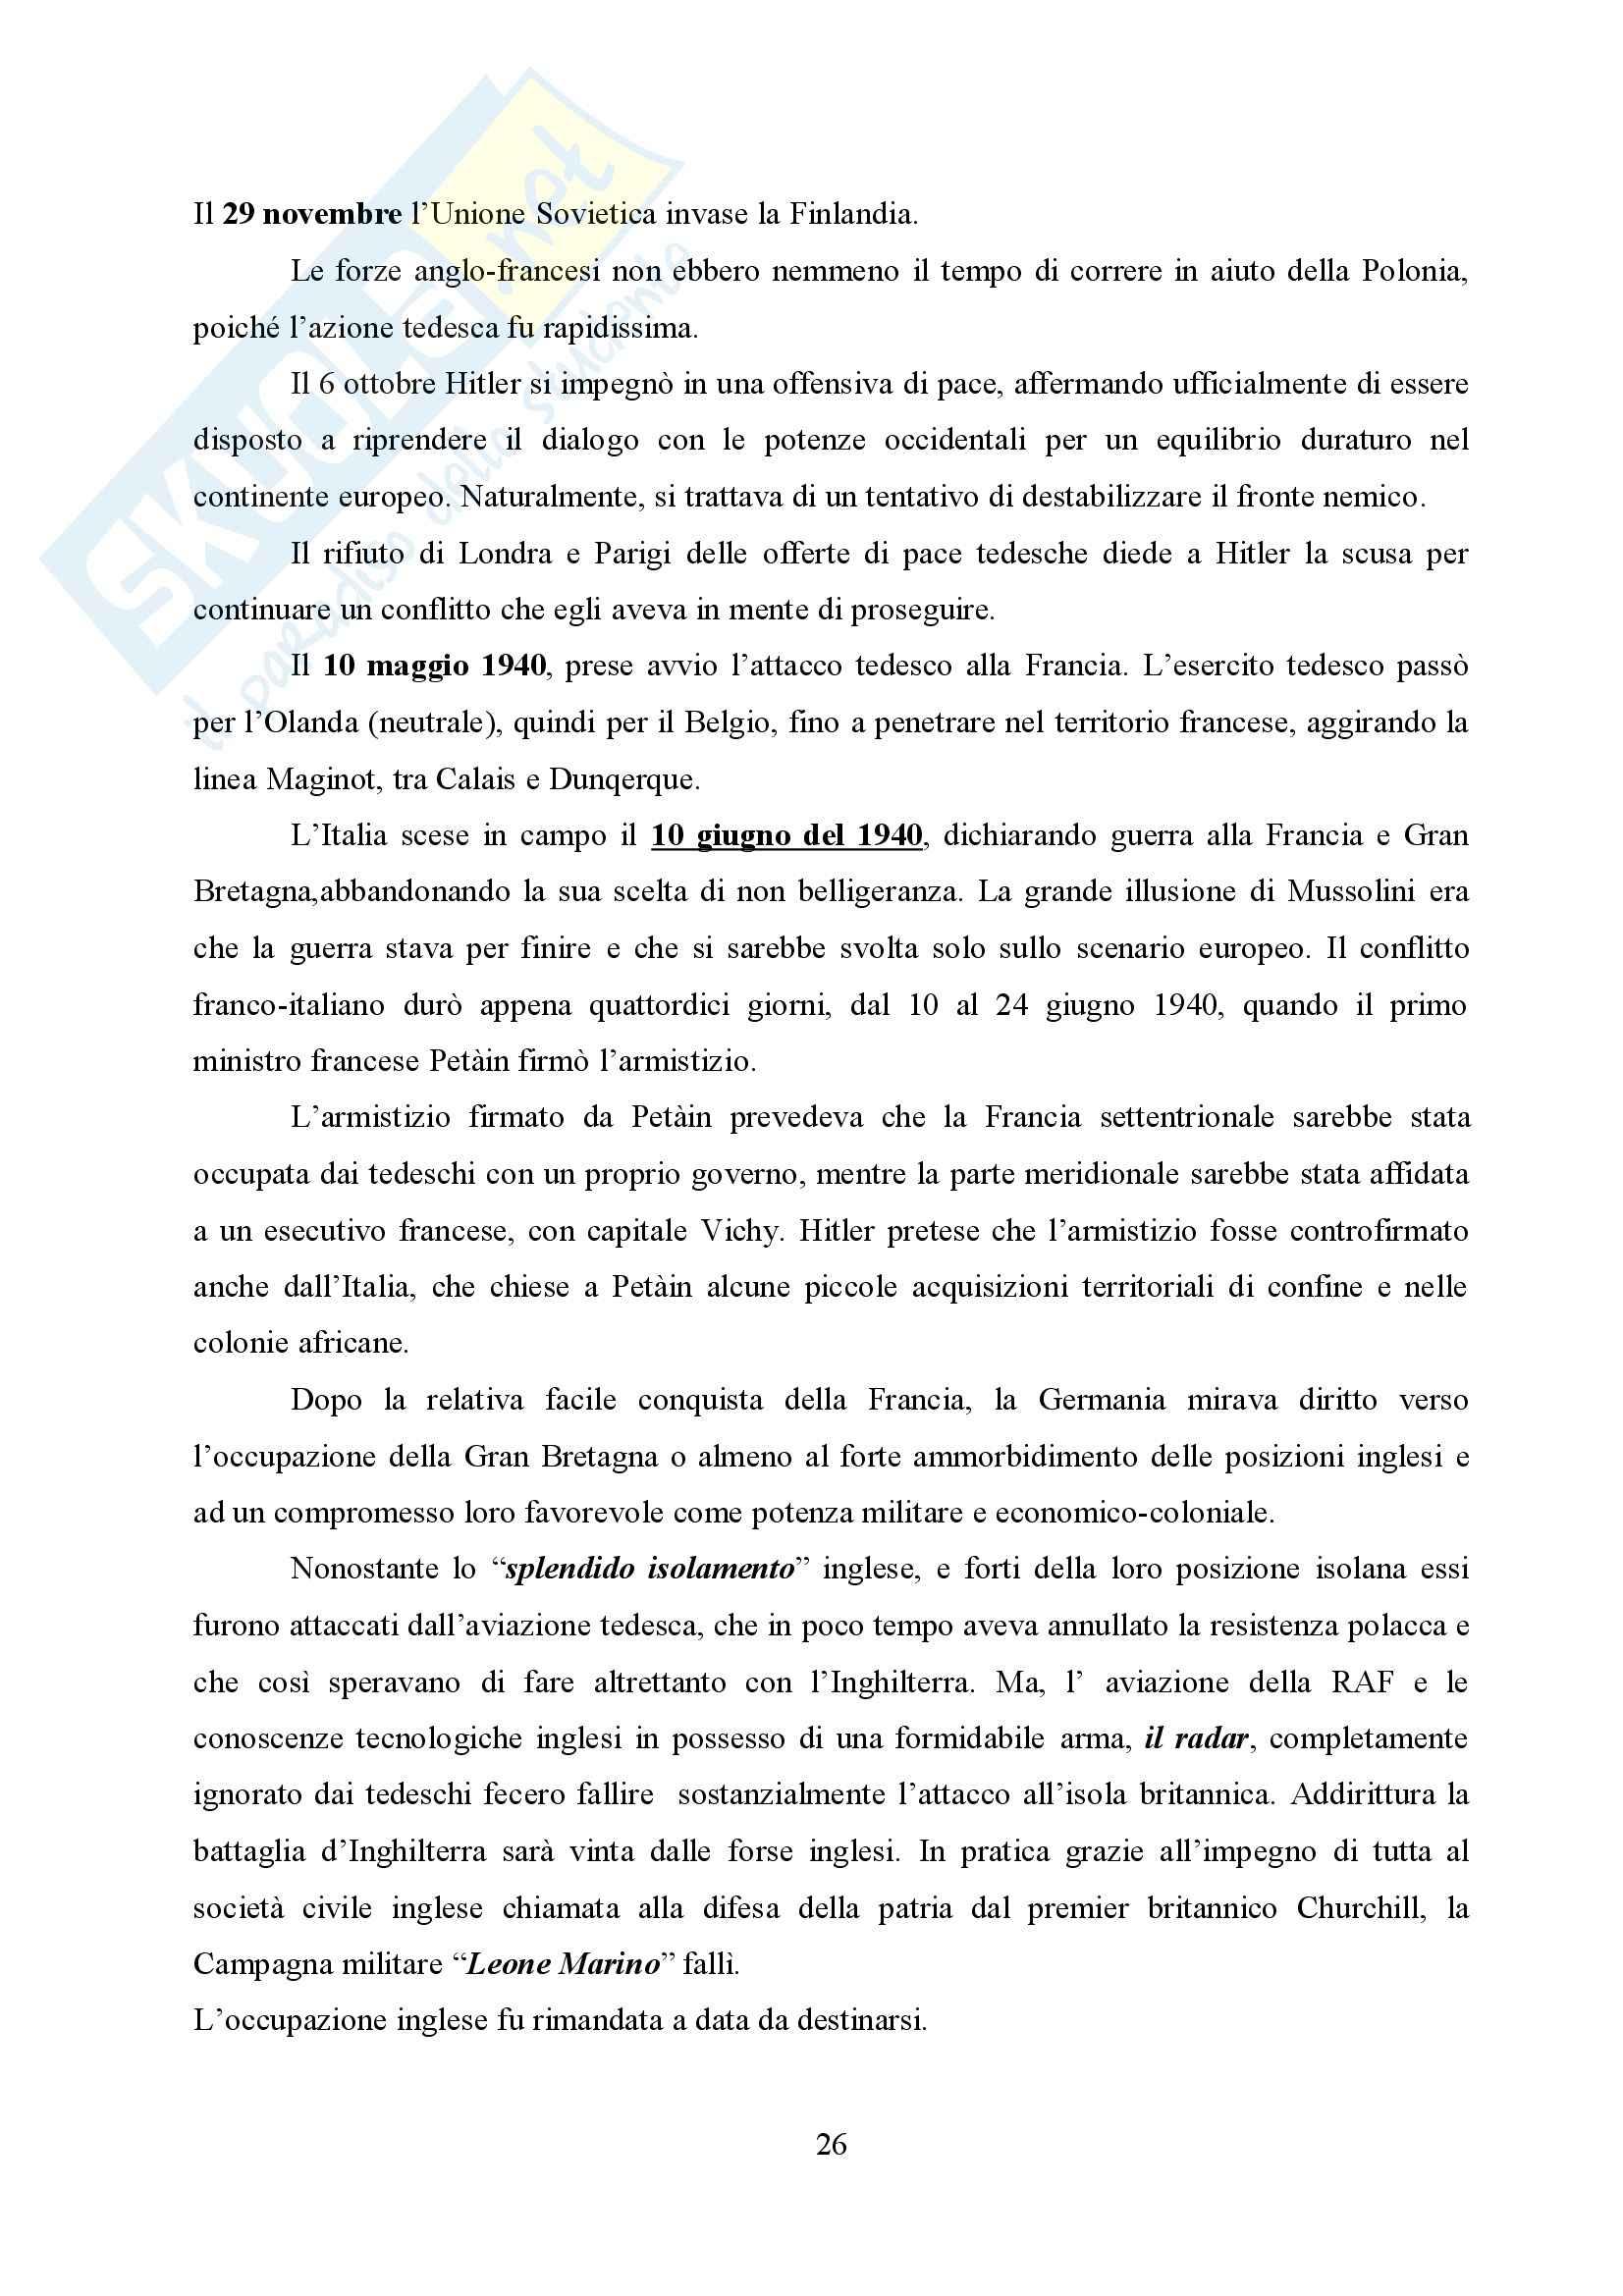 Storia delle relazioni internazionali Pag. 26